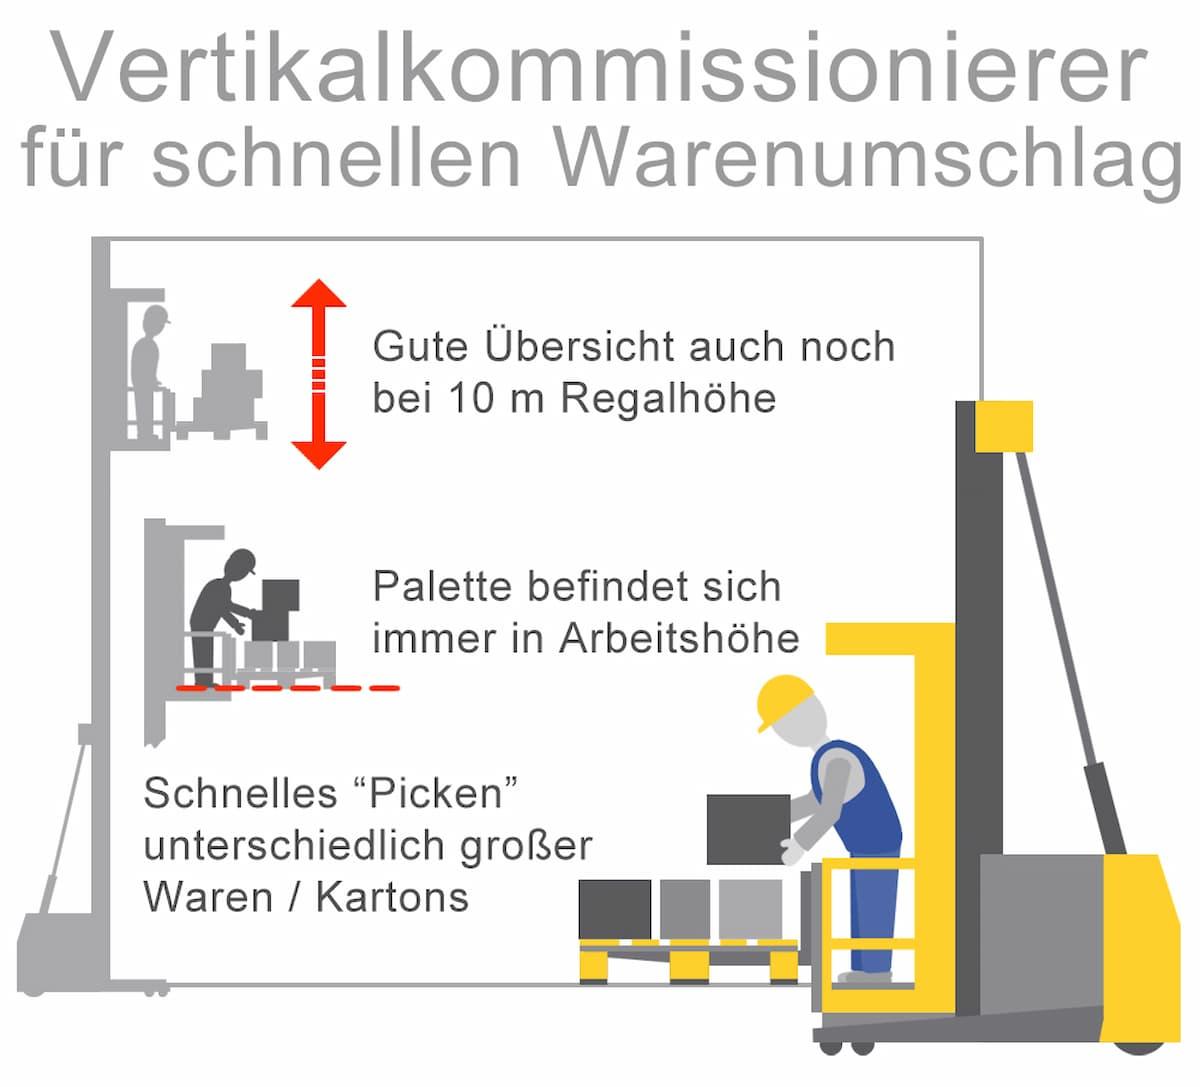 Vertikalkommissionierer soregn für schnellen Warenumschlag